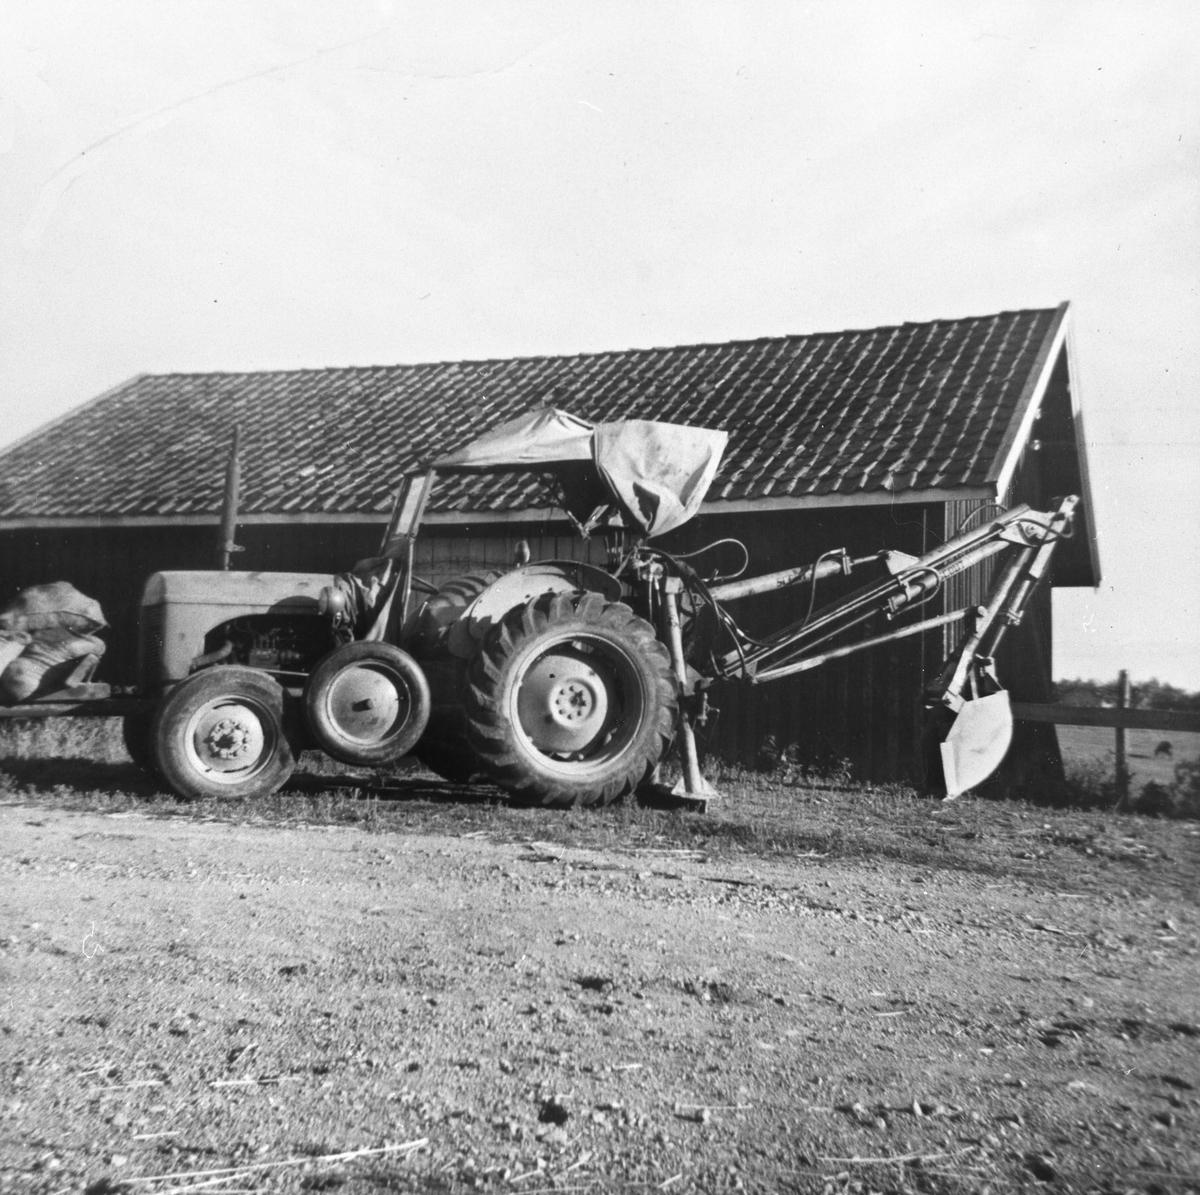 Traktorgraver på Klodsbodding, 1950- årene.Graveren var leid av et maskinlag.